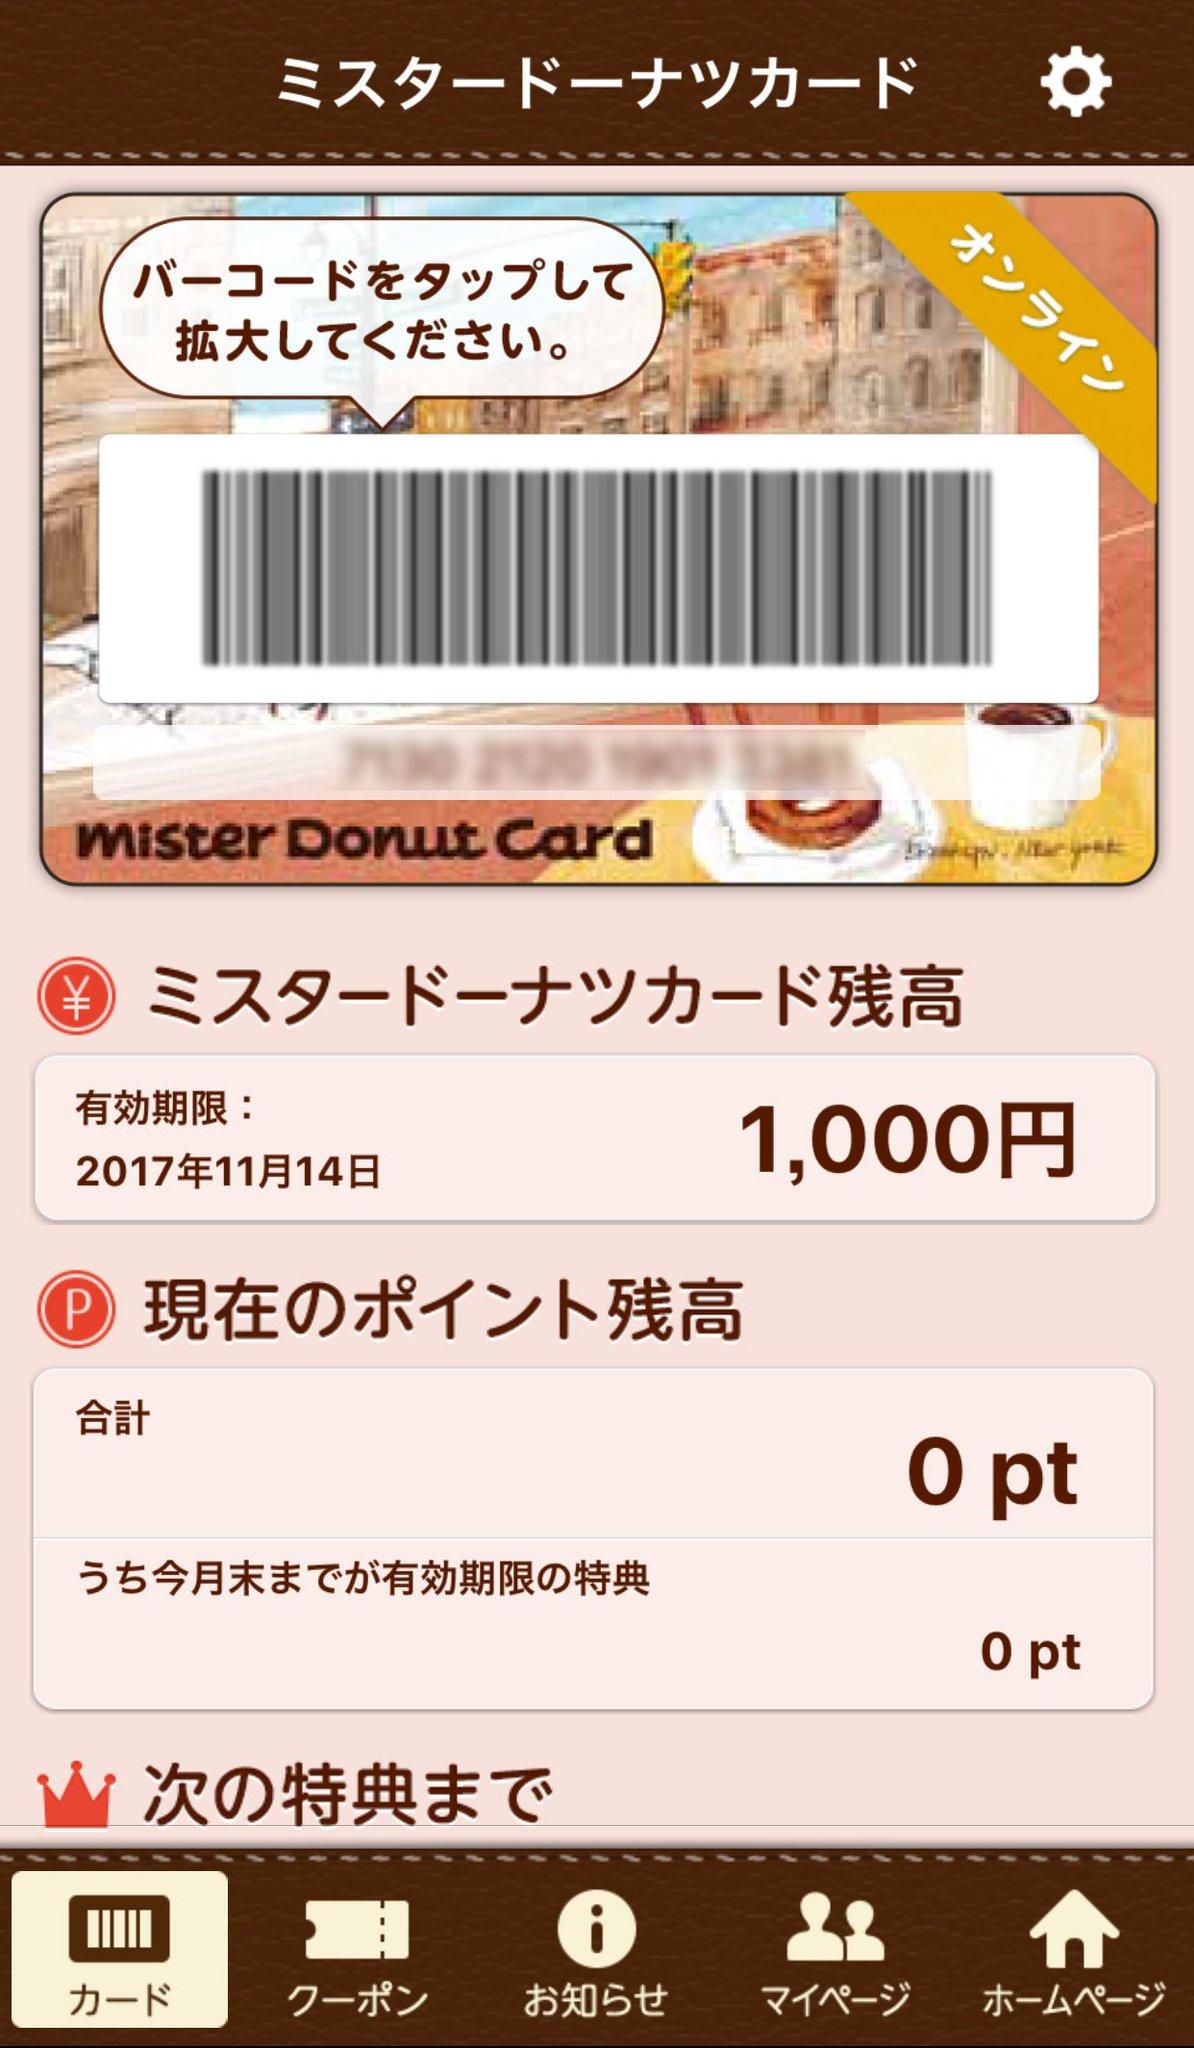 ミスタードーナツカードアプリ